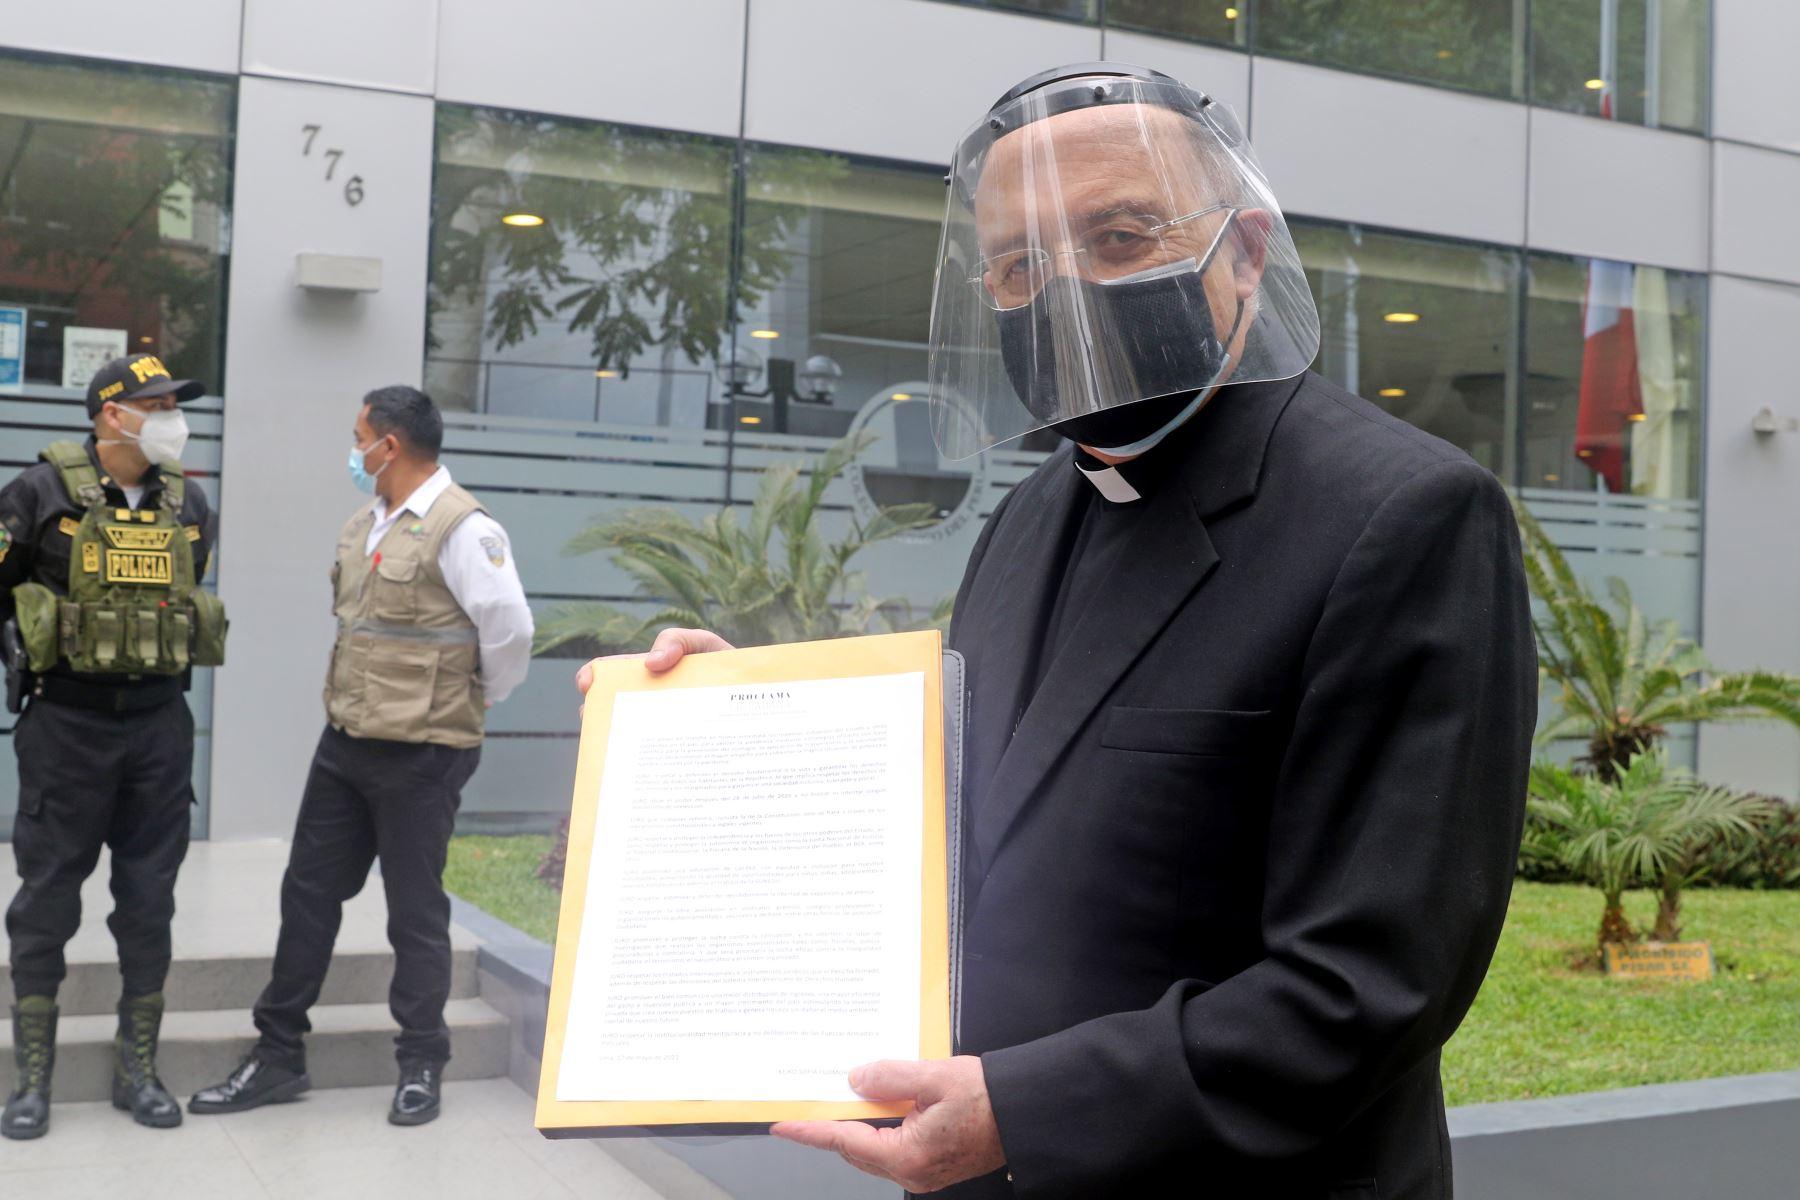 Mons. Pedro Barreto, muestra el compromiso de la Proclama Ciudadana - Juramento por la Democracia. Foto: ANDINA/Andrés Valle